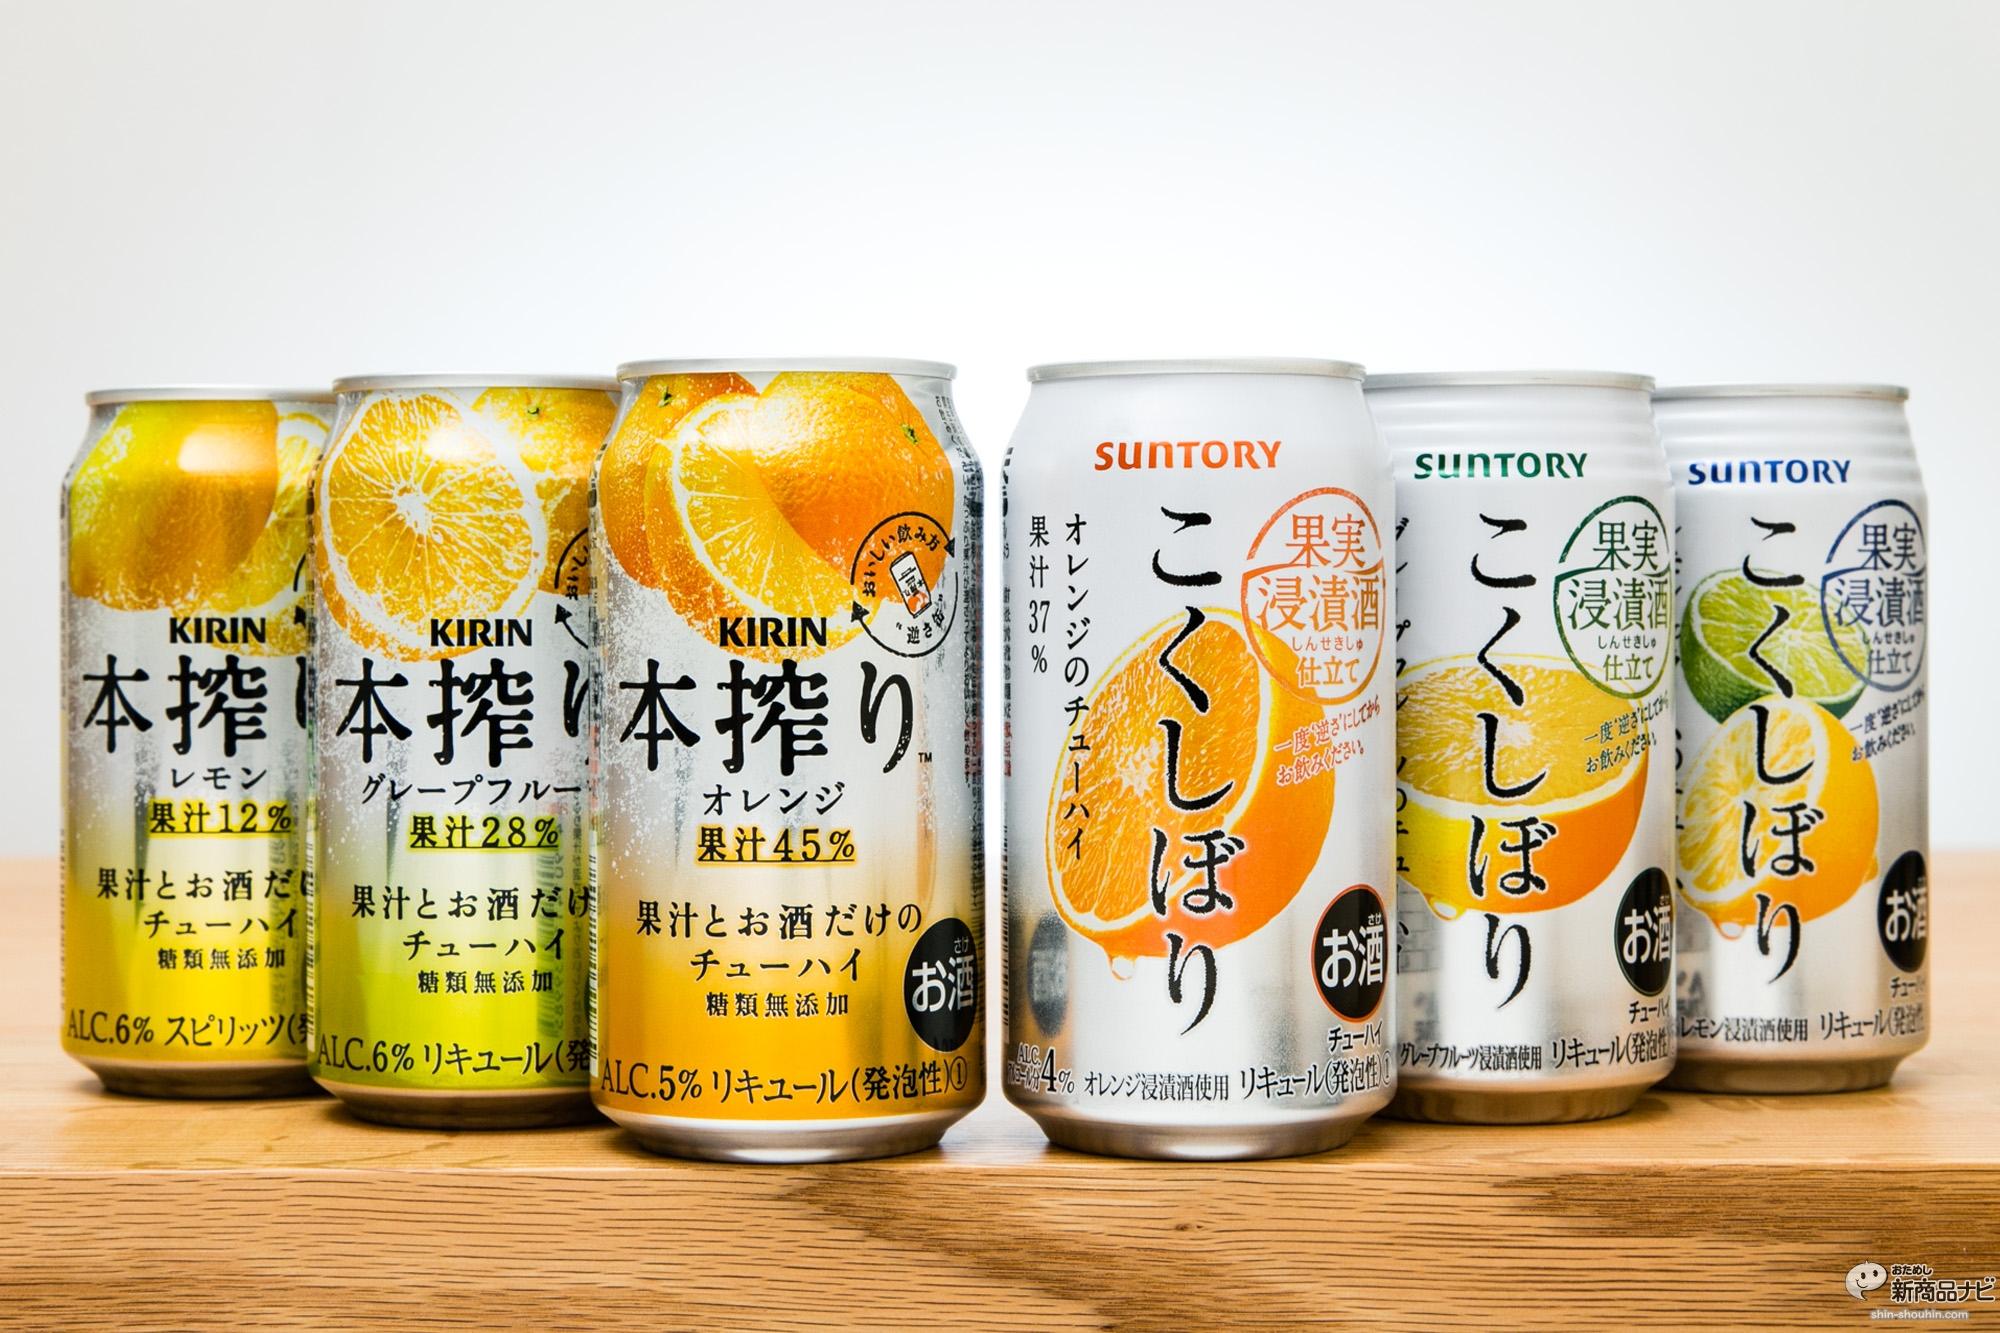 よく似た缶チューハイ『本搾り』と『こくしぼり』は一体どちらが美味しいのか? 飲み比べてジャッジしてみた!